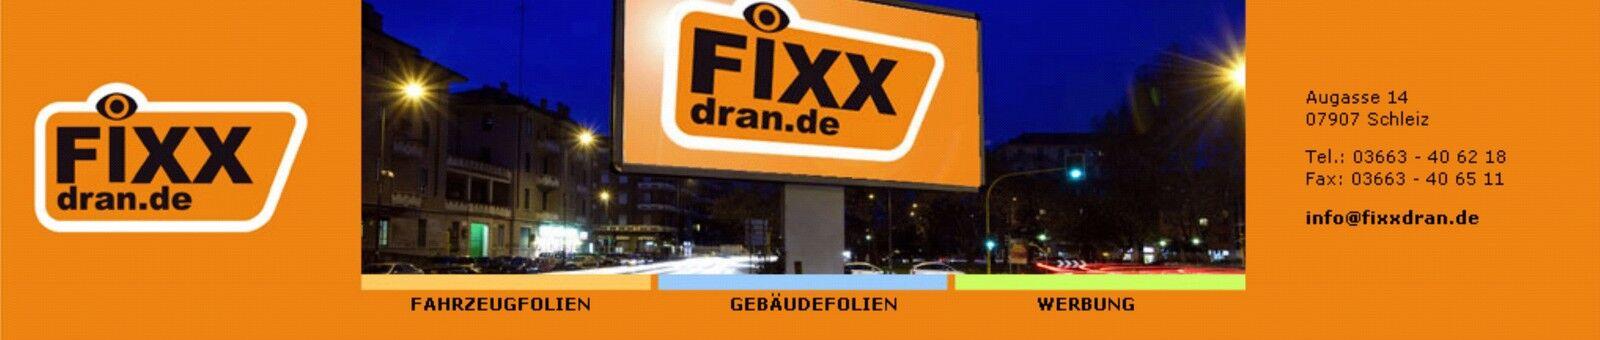 Fixxdran